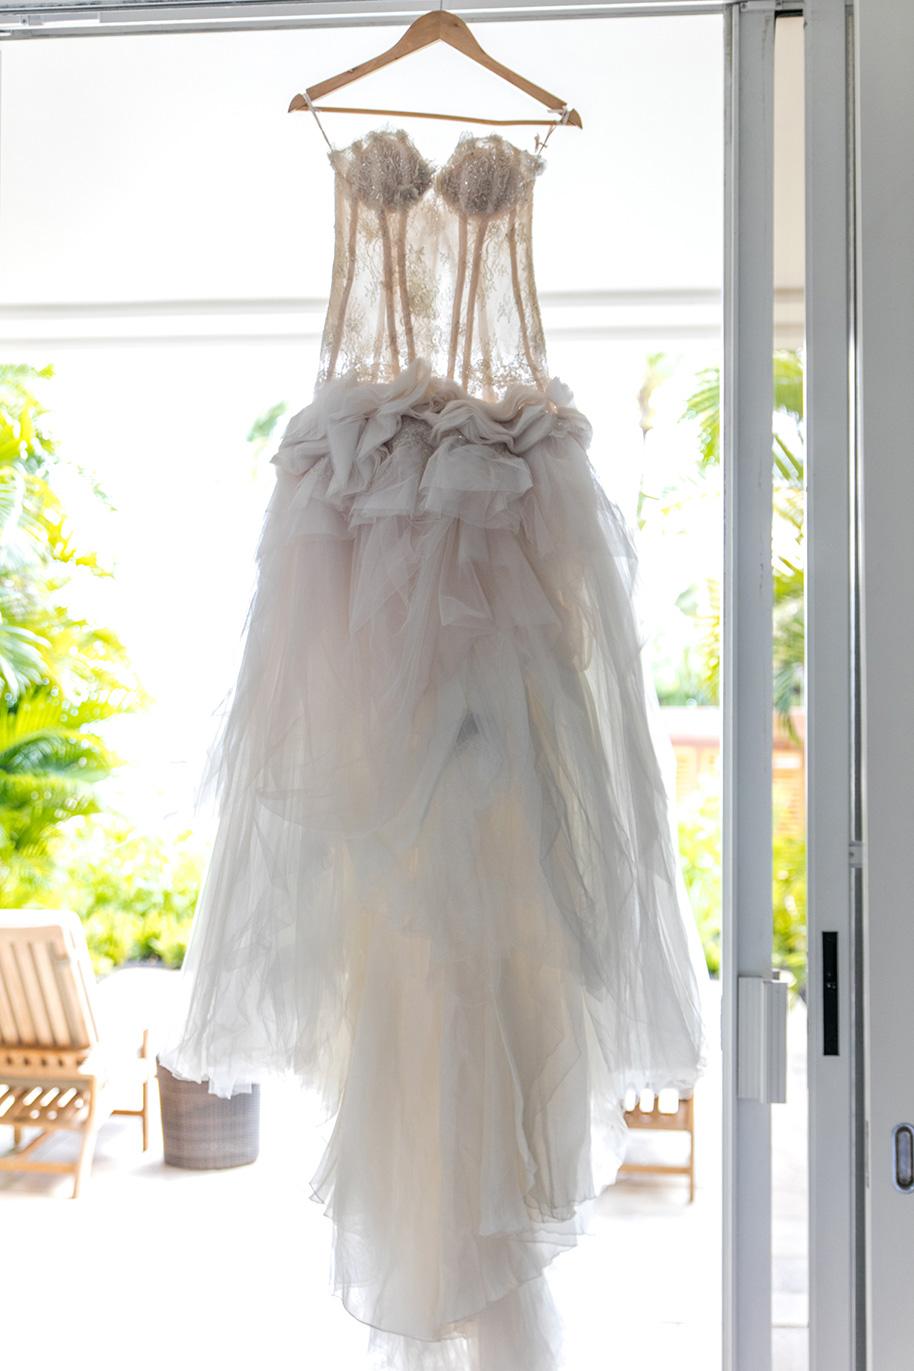 Lanikuhonua-Wedding-020117-2.jpg